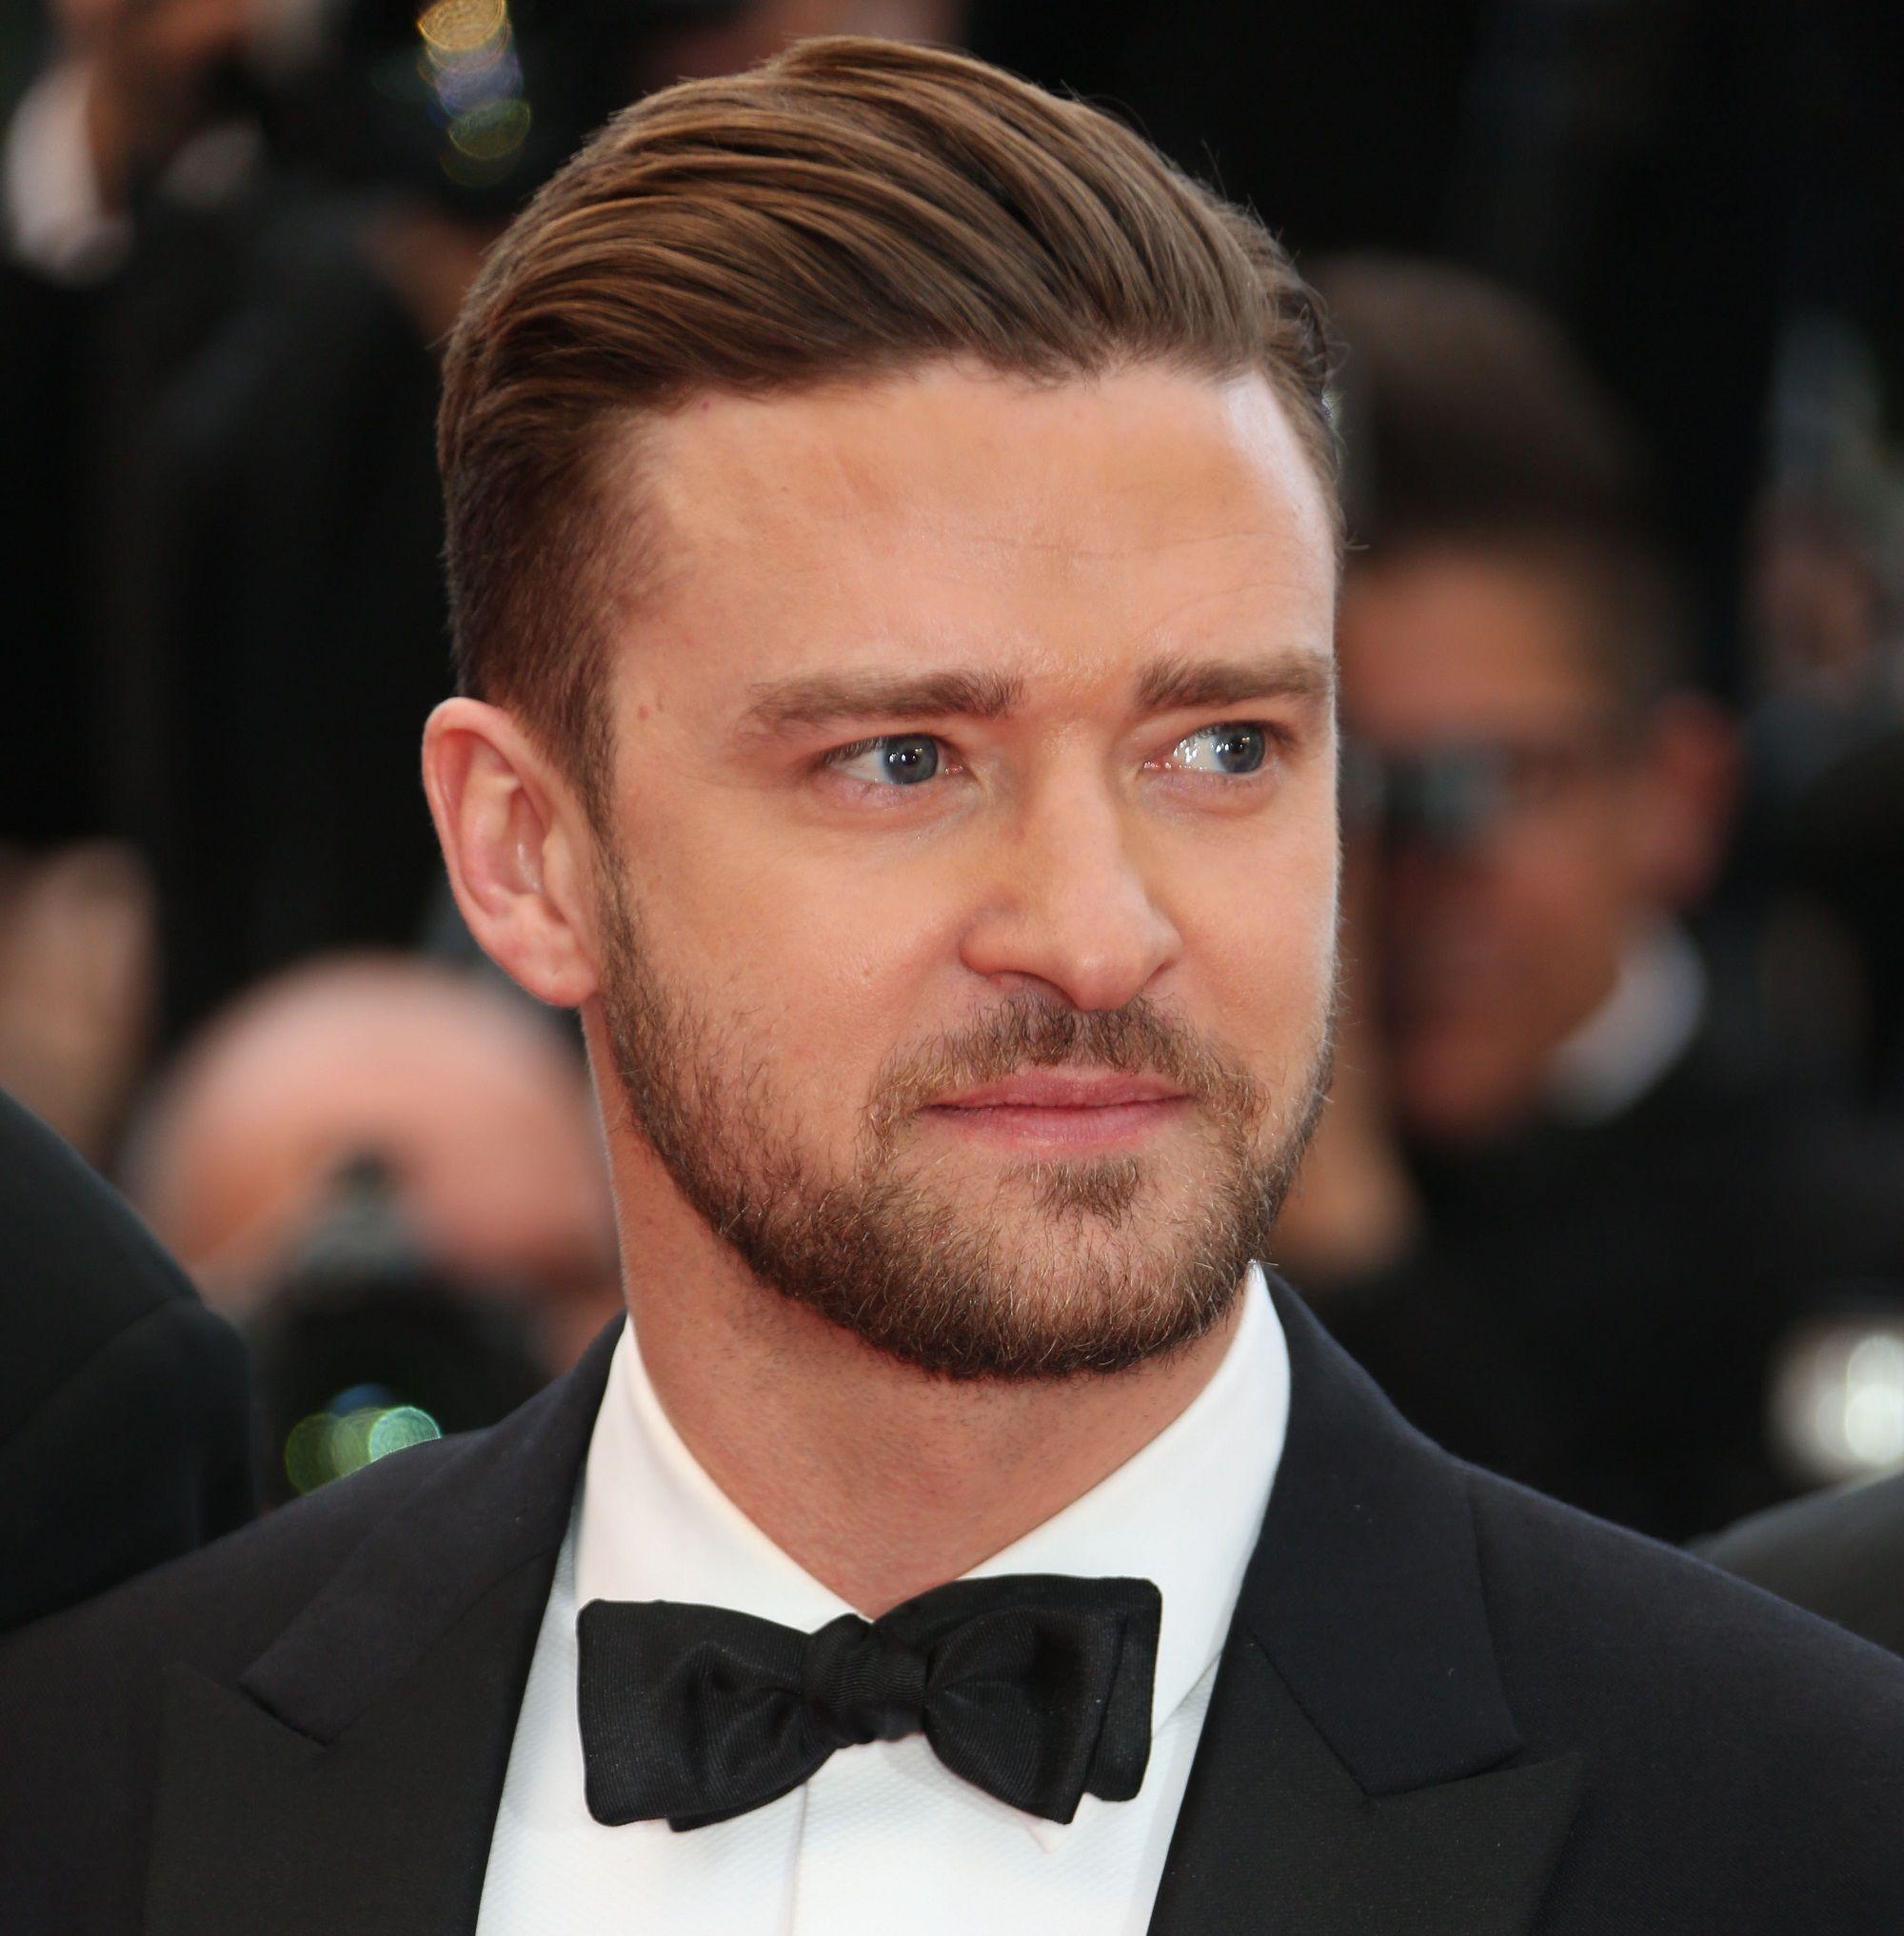 10. Justin Timberlake